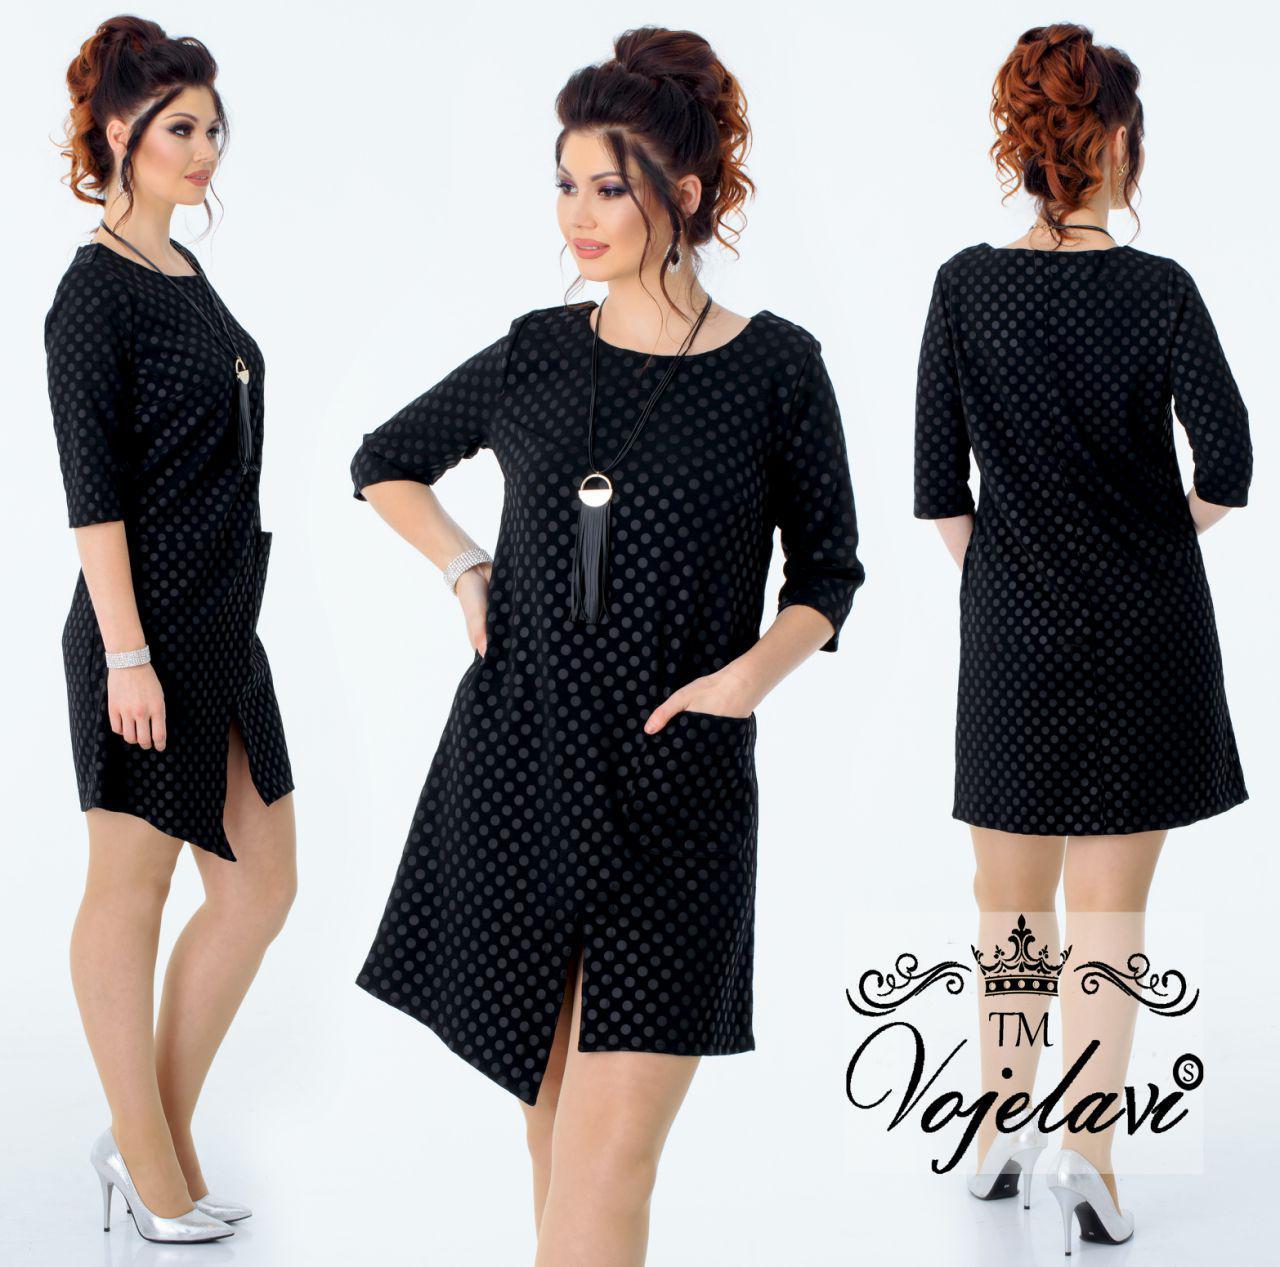 902b8c7fd1a Стильное женское платье с кулоном A1069 оптом и в розницу